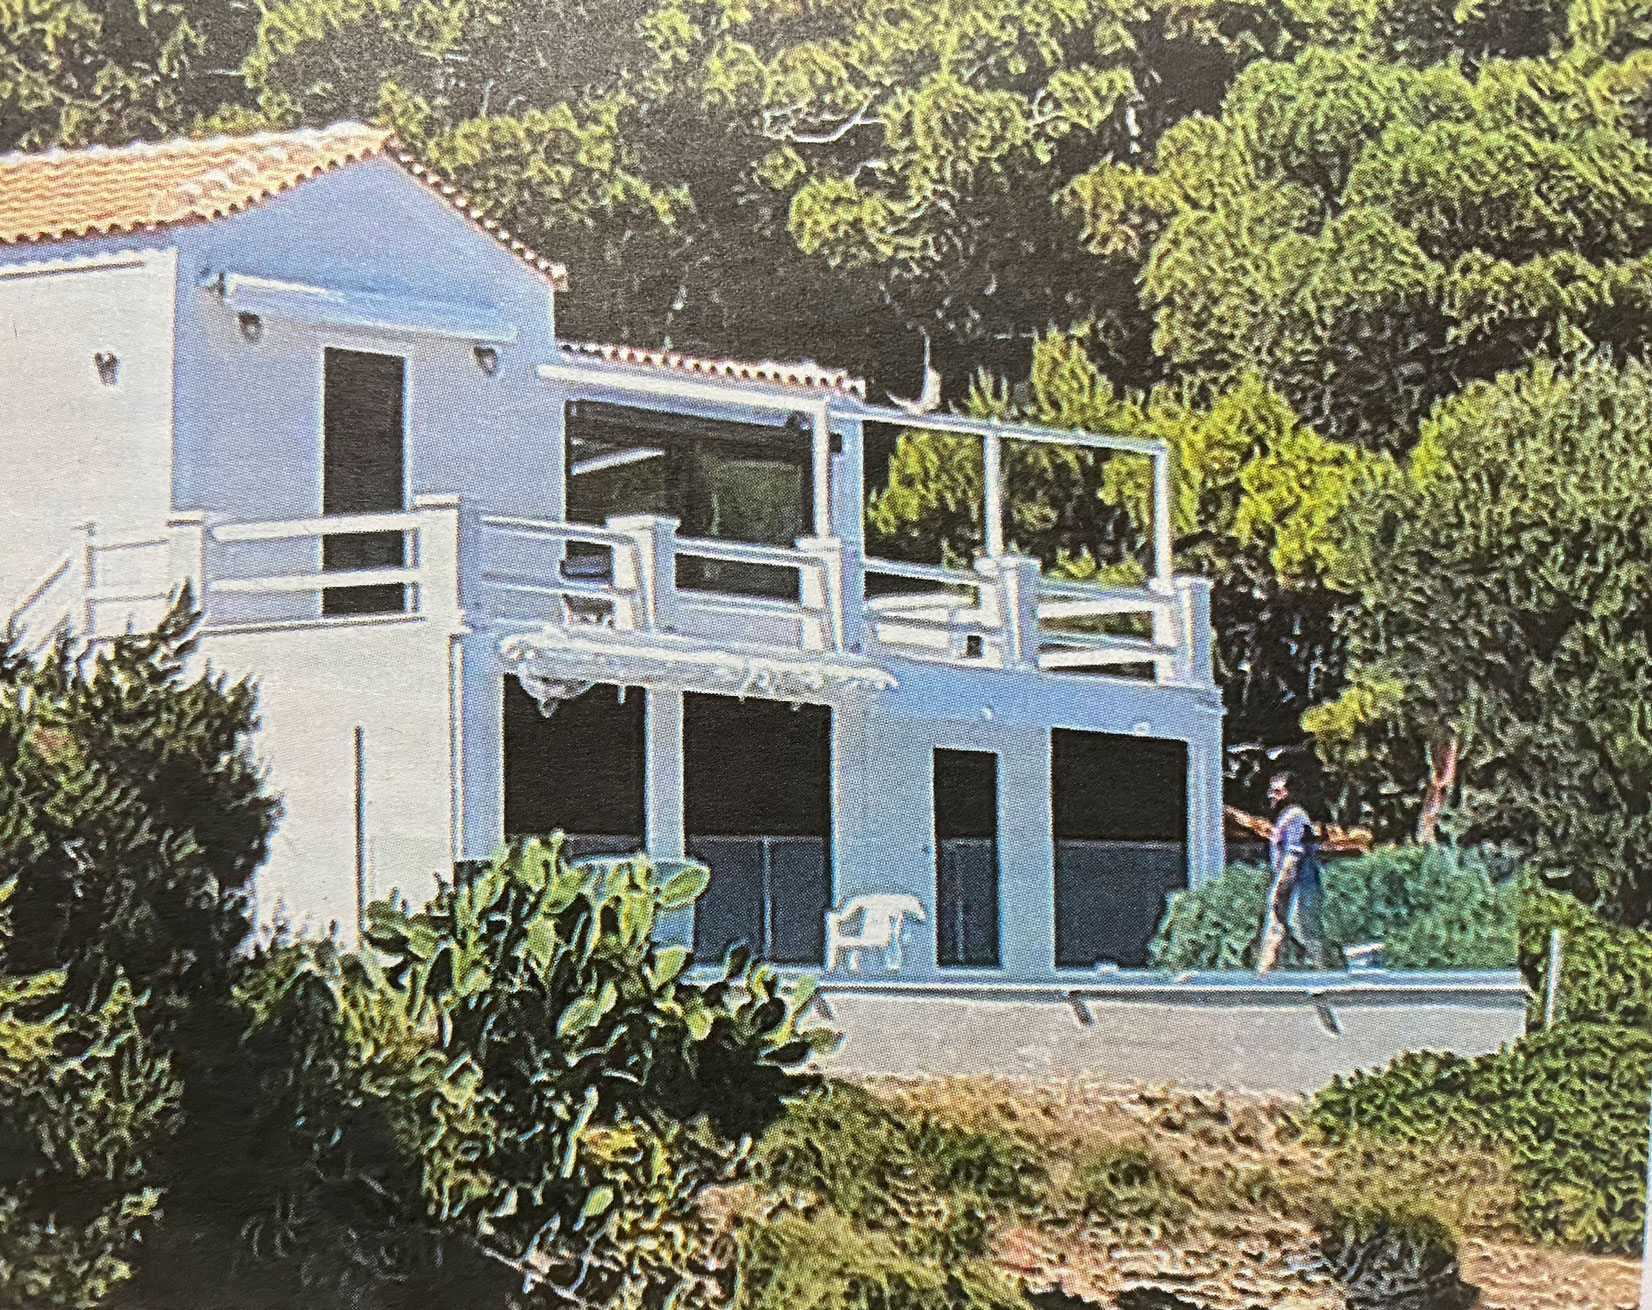 ΝΔ σε Τσίπρα: Ο Μητσοτάκης δεν πληρώνει ενοίκιο! Είναι δικό του το σπίτι